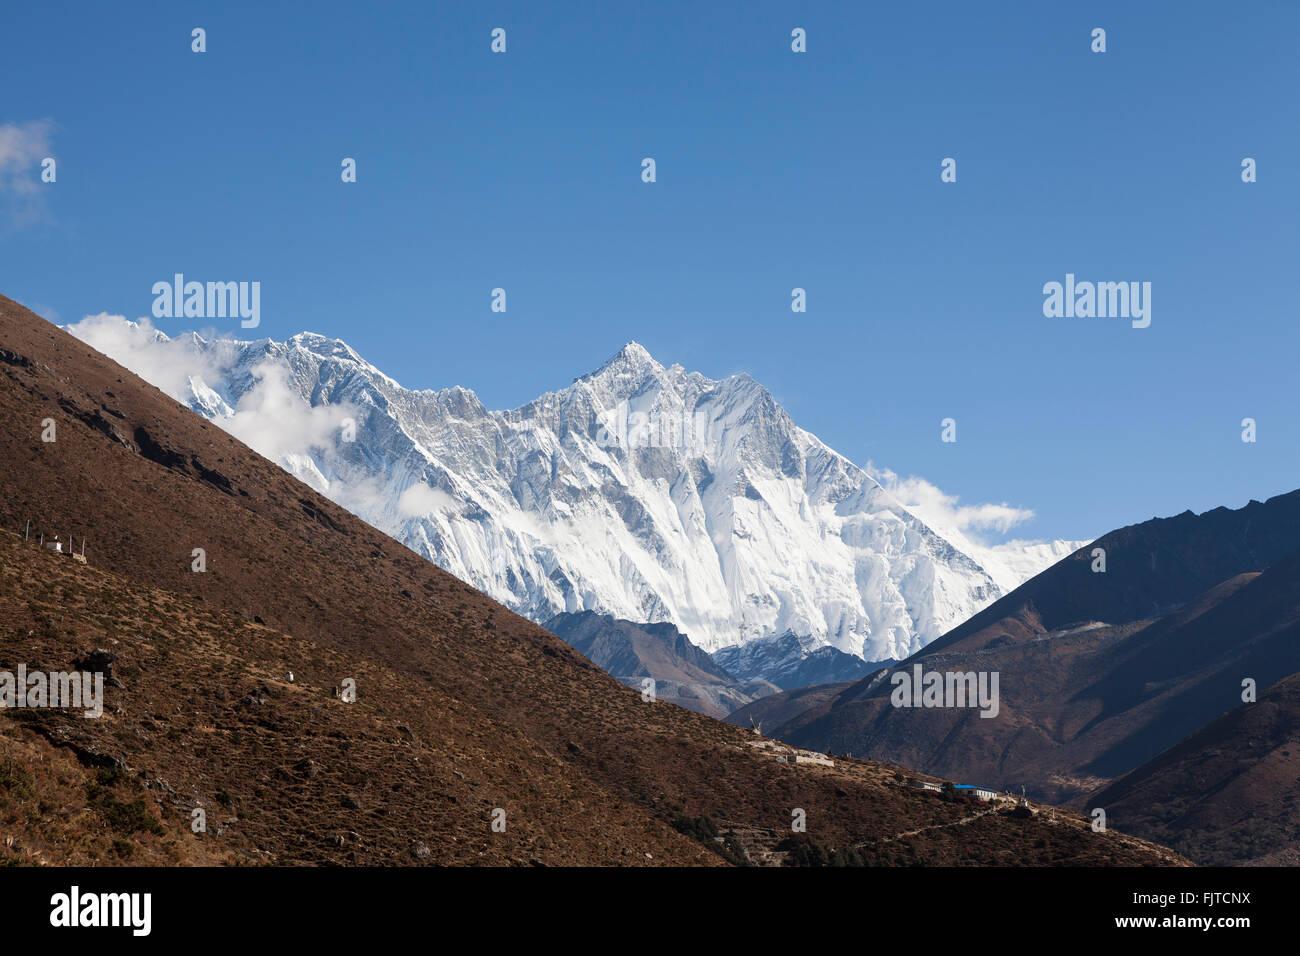 Everest and Lhotse. Sagarmatha National Park. Solukhumbu District. Nepal. - Stock Image